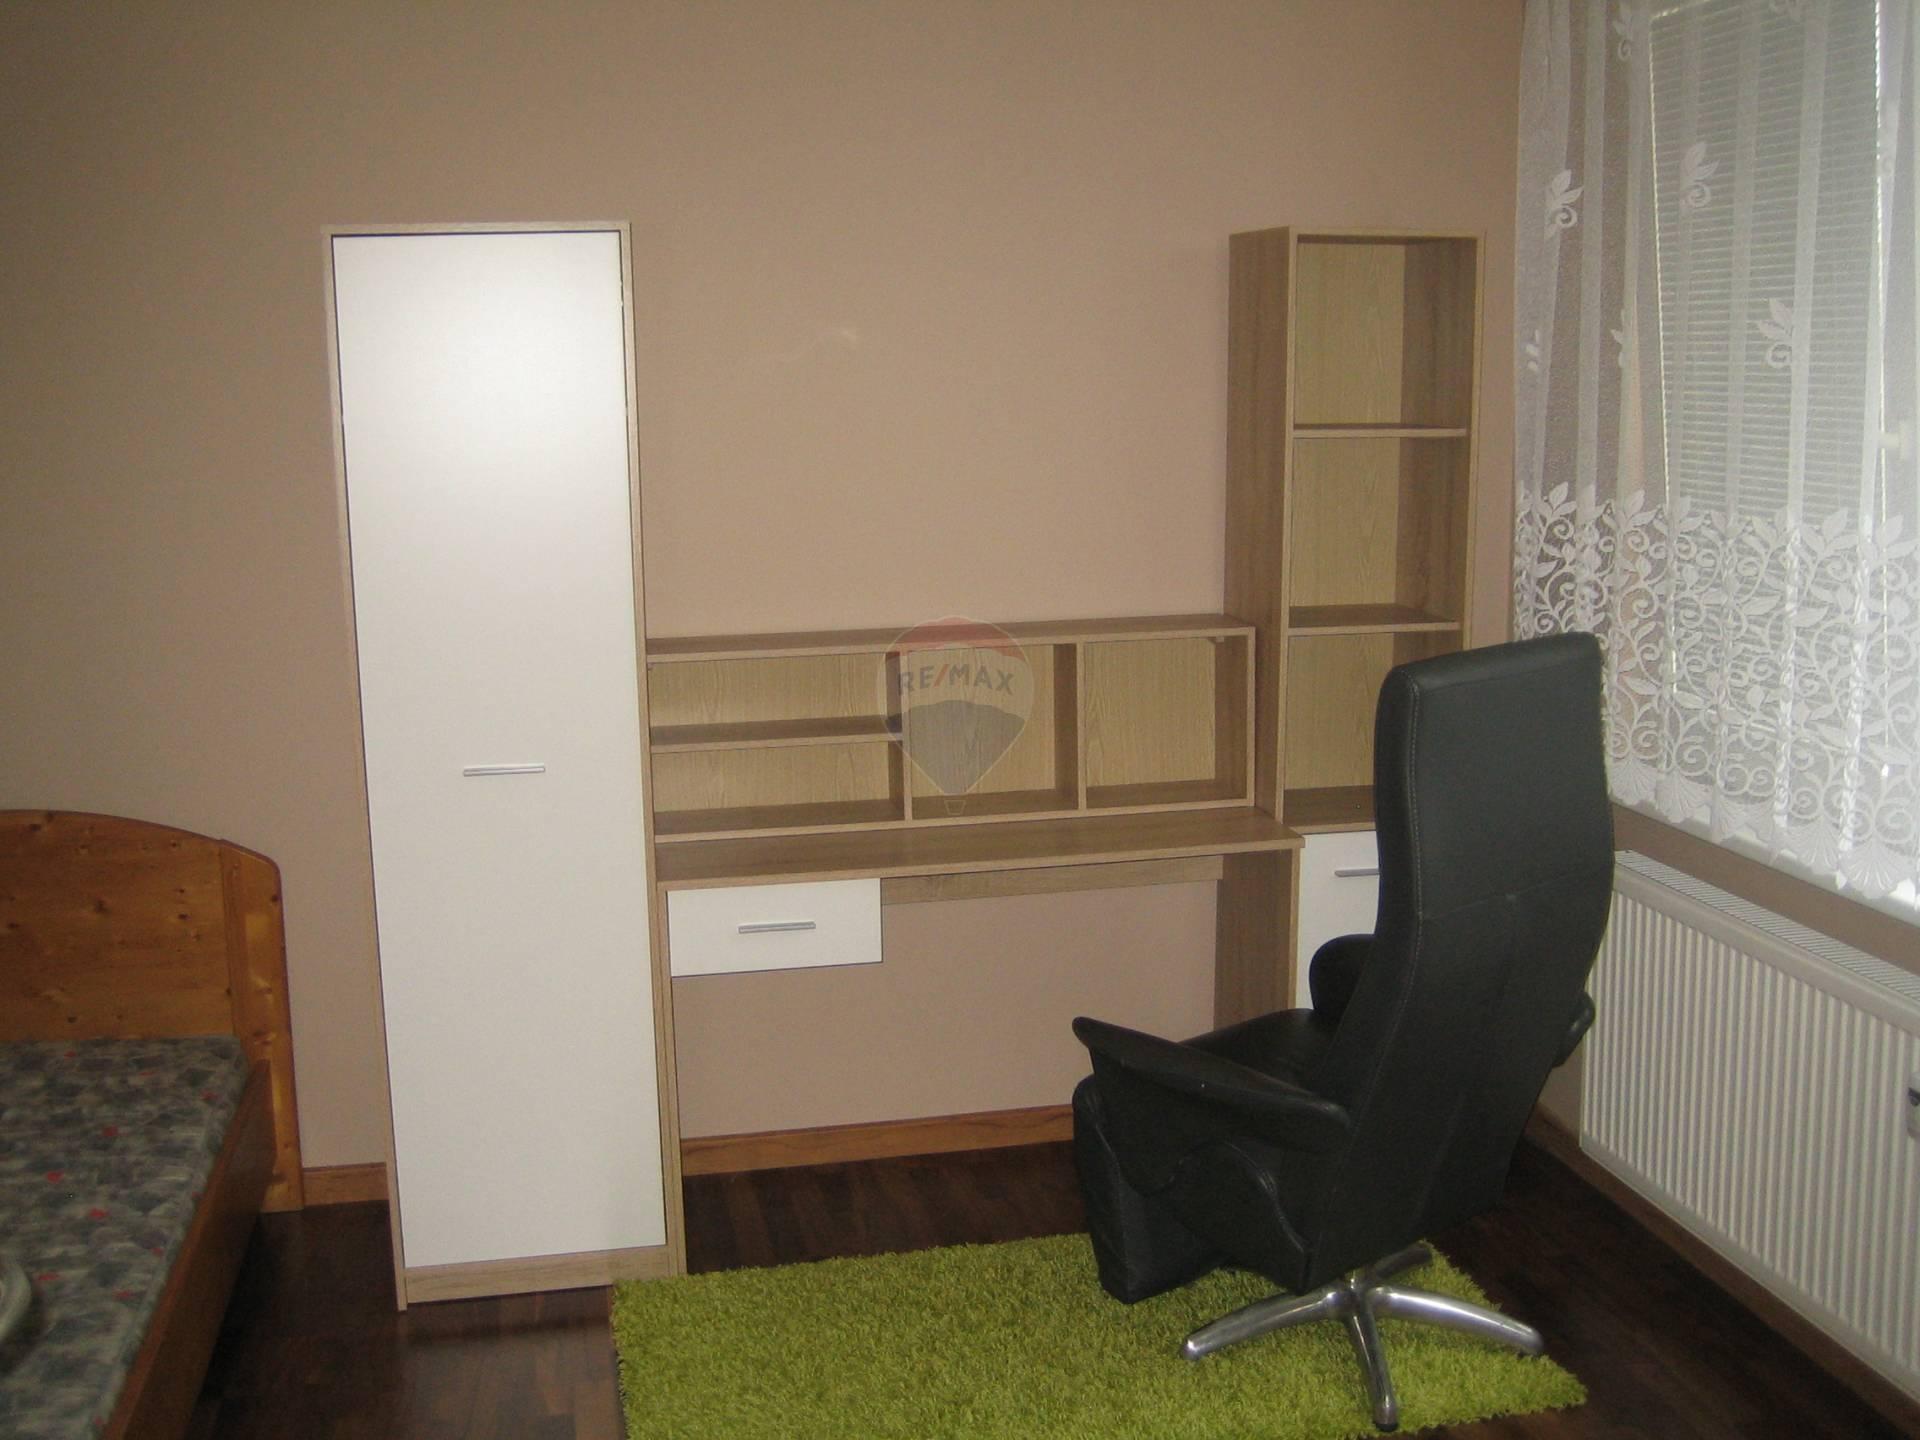 = RE/MAX  = predaj nehnuteľnosti, 3 izbový byt, Trnava